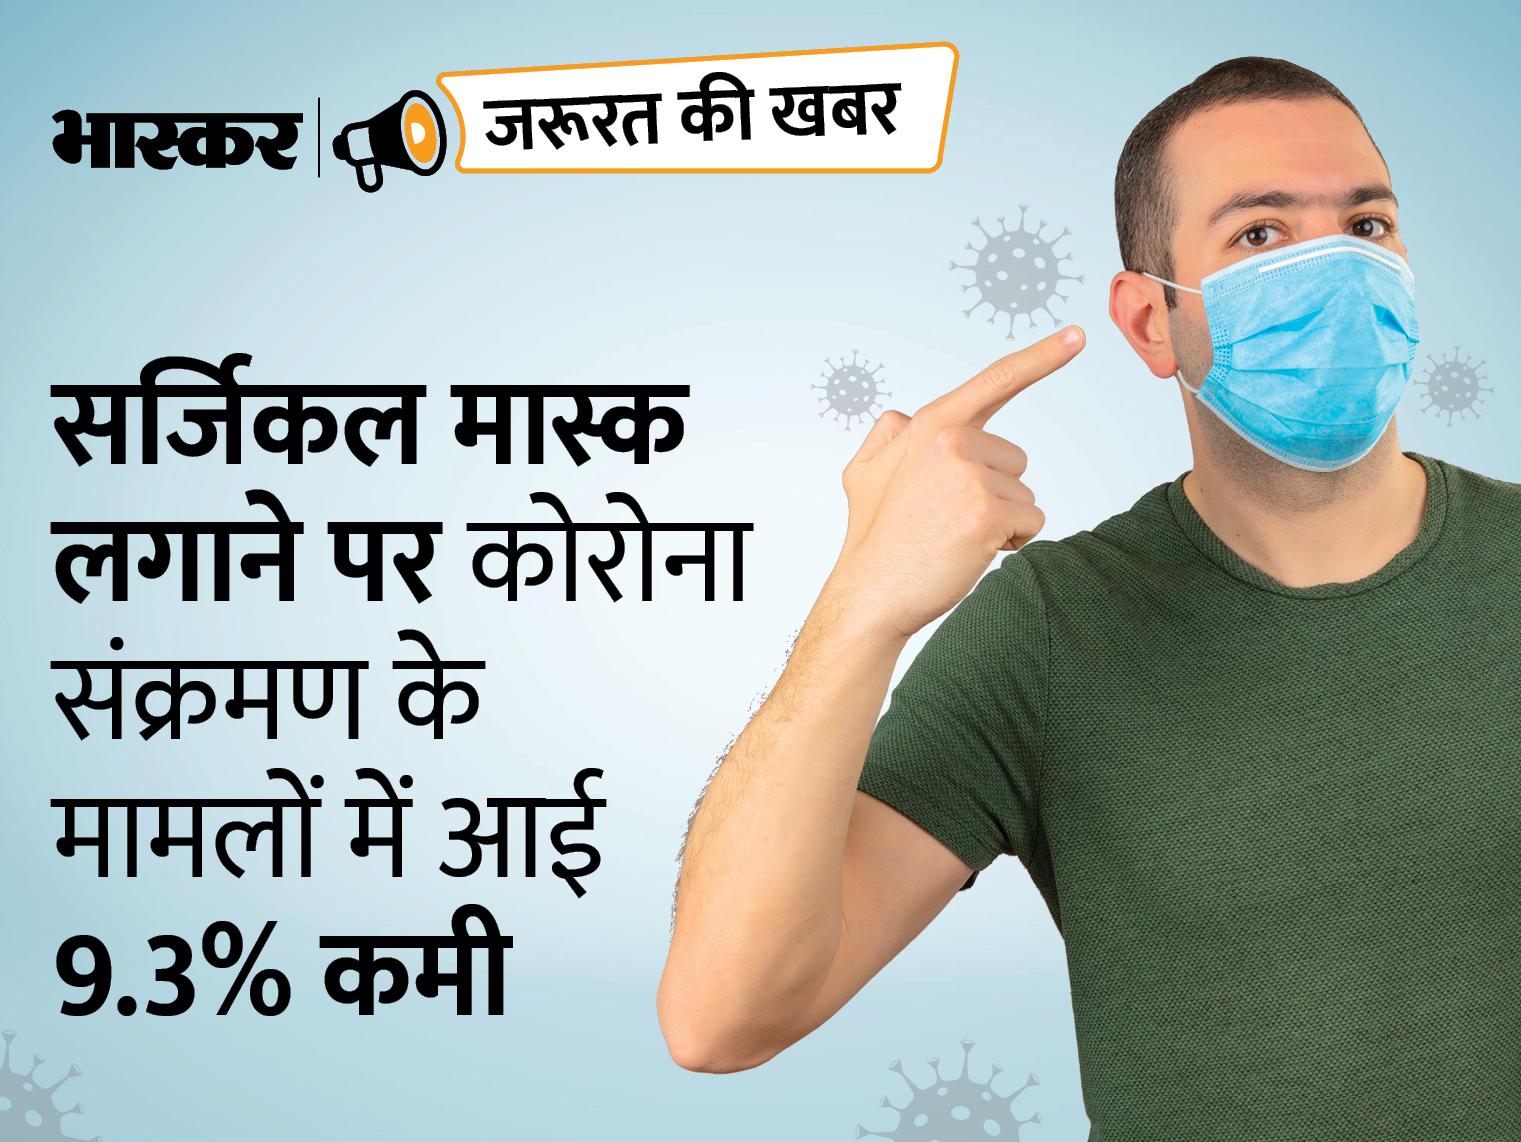 कोरोना के खिलाफ कपड़े के मास्क से ज्यादा इफेक्टिव है सर्जिकल मास्क, इसकी फिल्ट्रेशन एफिशिएंसी 95%|ज़रुरत की खबर,Zaroorat ki Khabar - Dainik Bhaskar